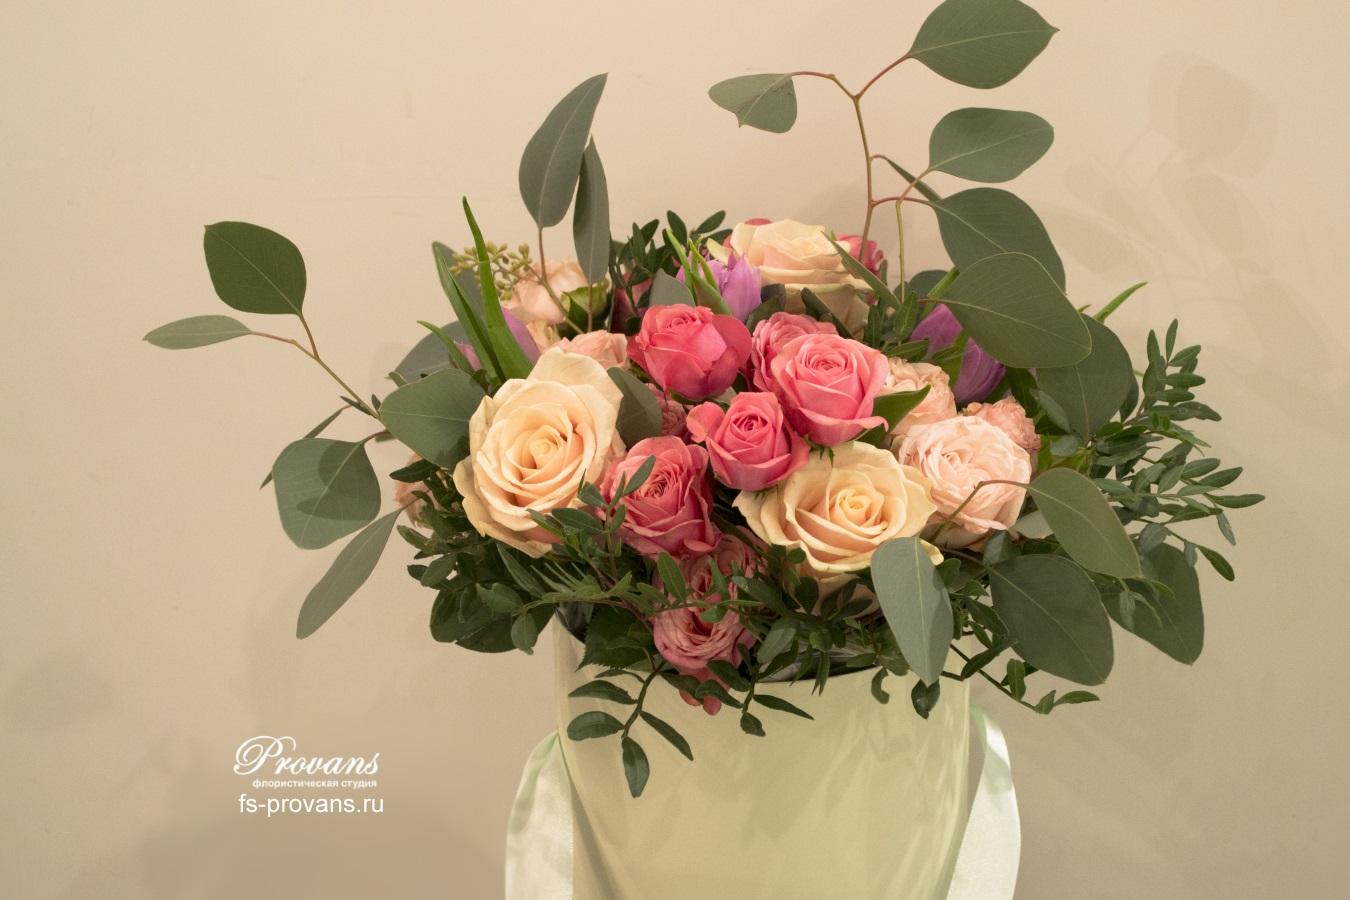 Цветы в коробке. Розы, тюльпаны